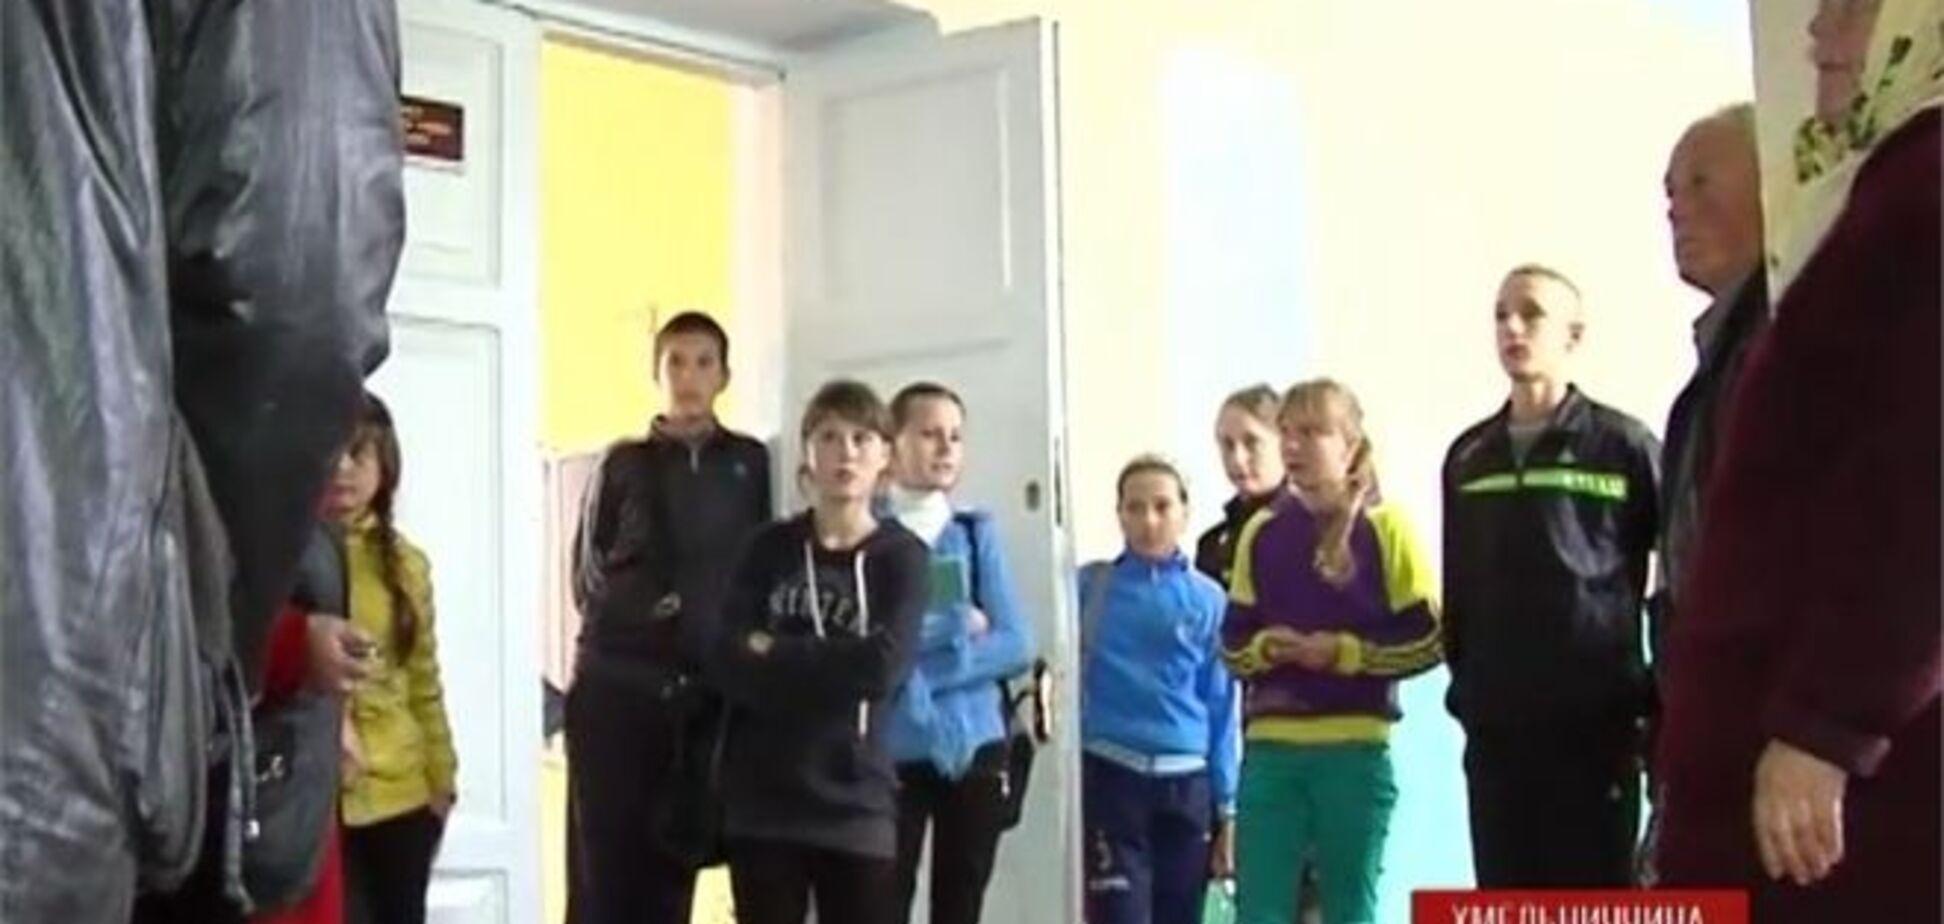 Скандал на Хмельниччині: вчительку звинувачують у рукоприкладстві